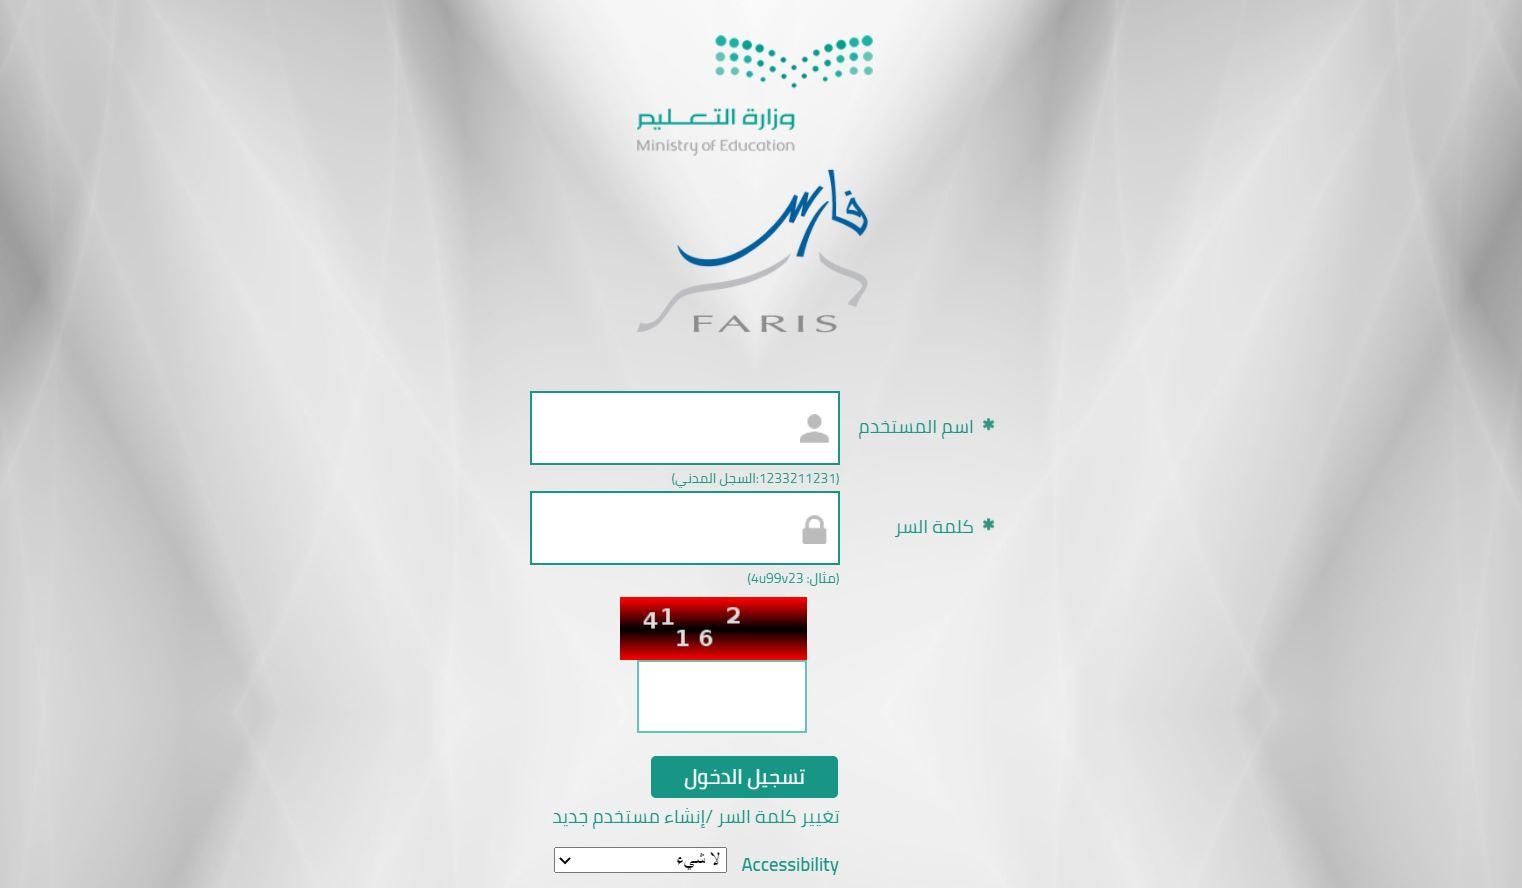 تعديل بياناتي في نظام فارس 2021